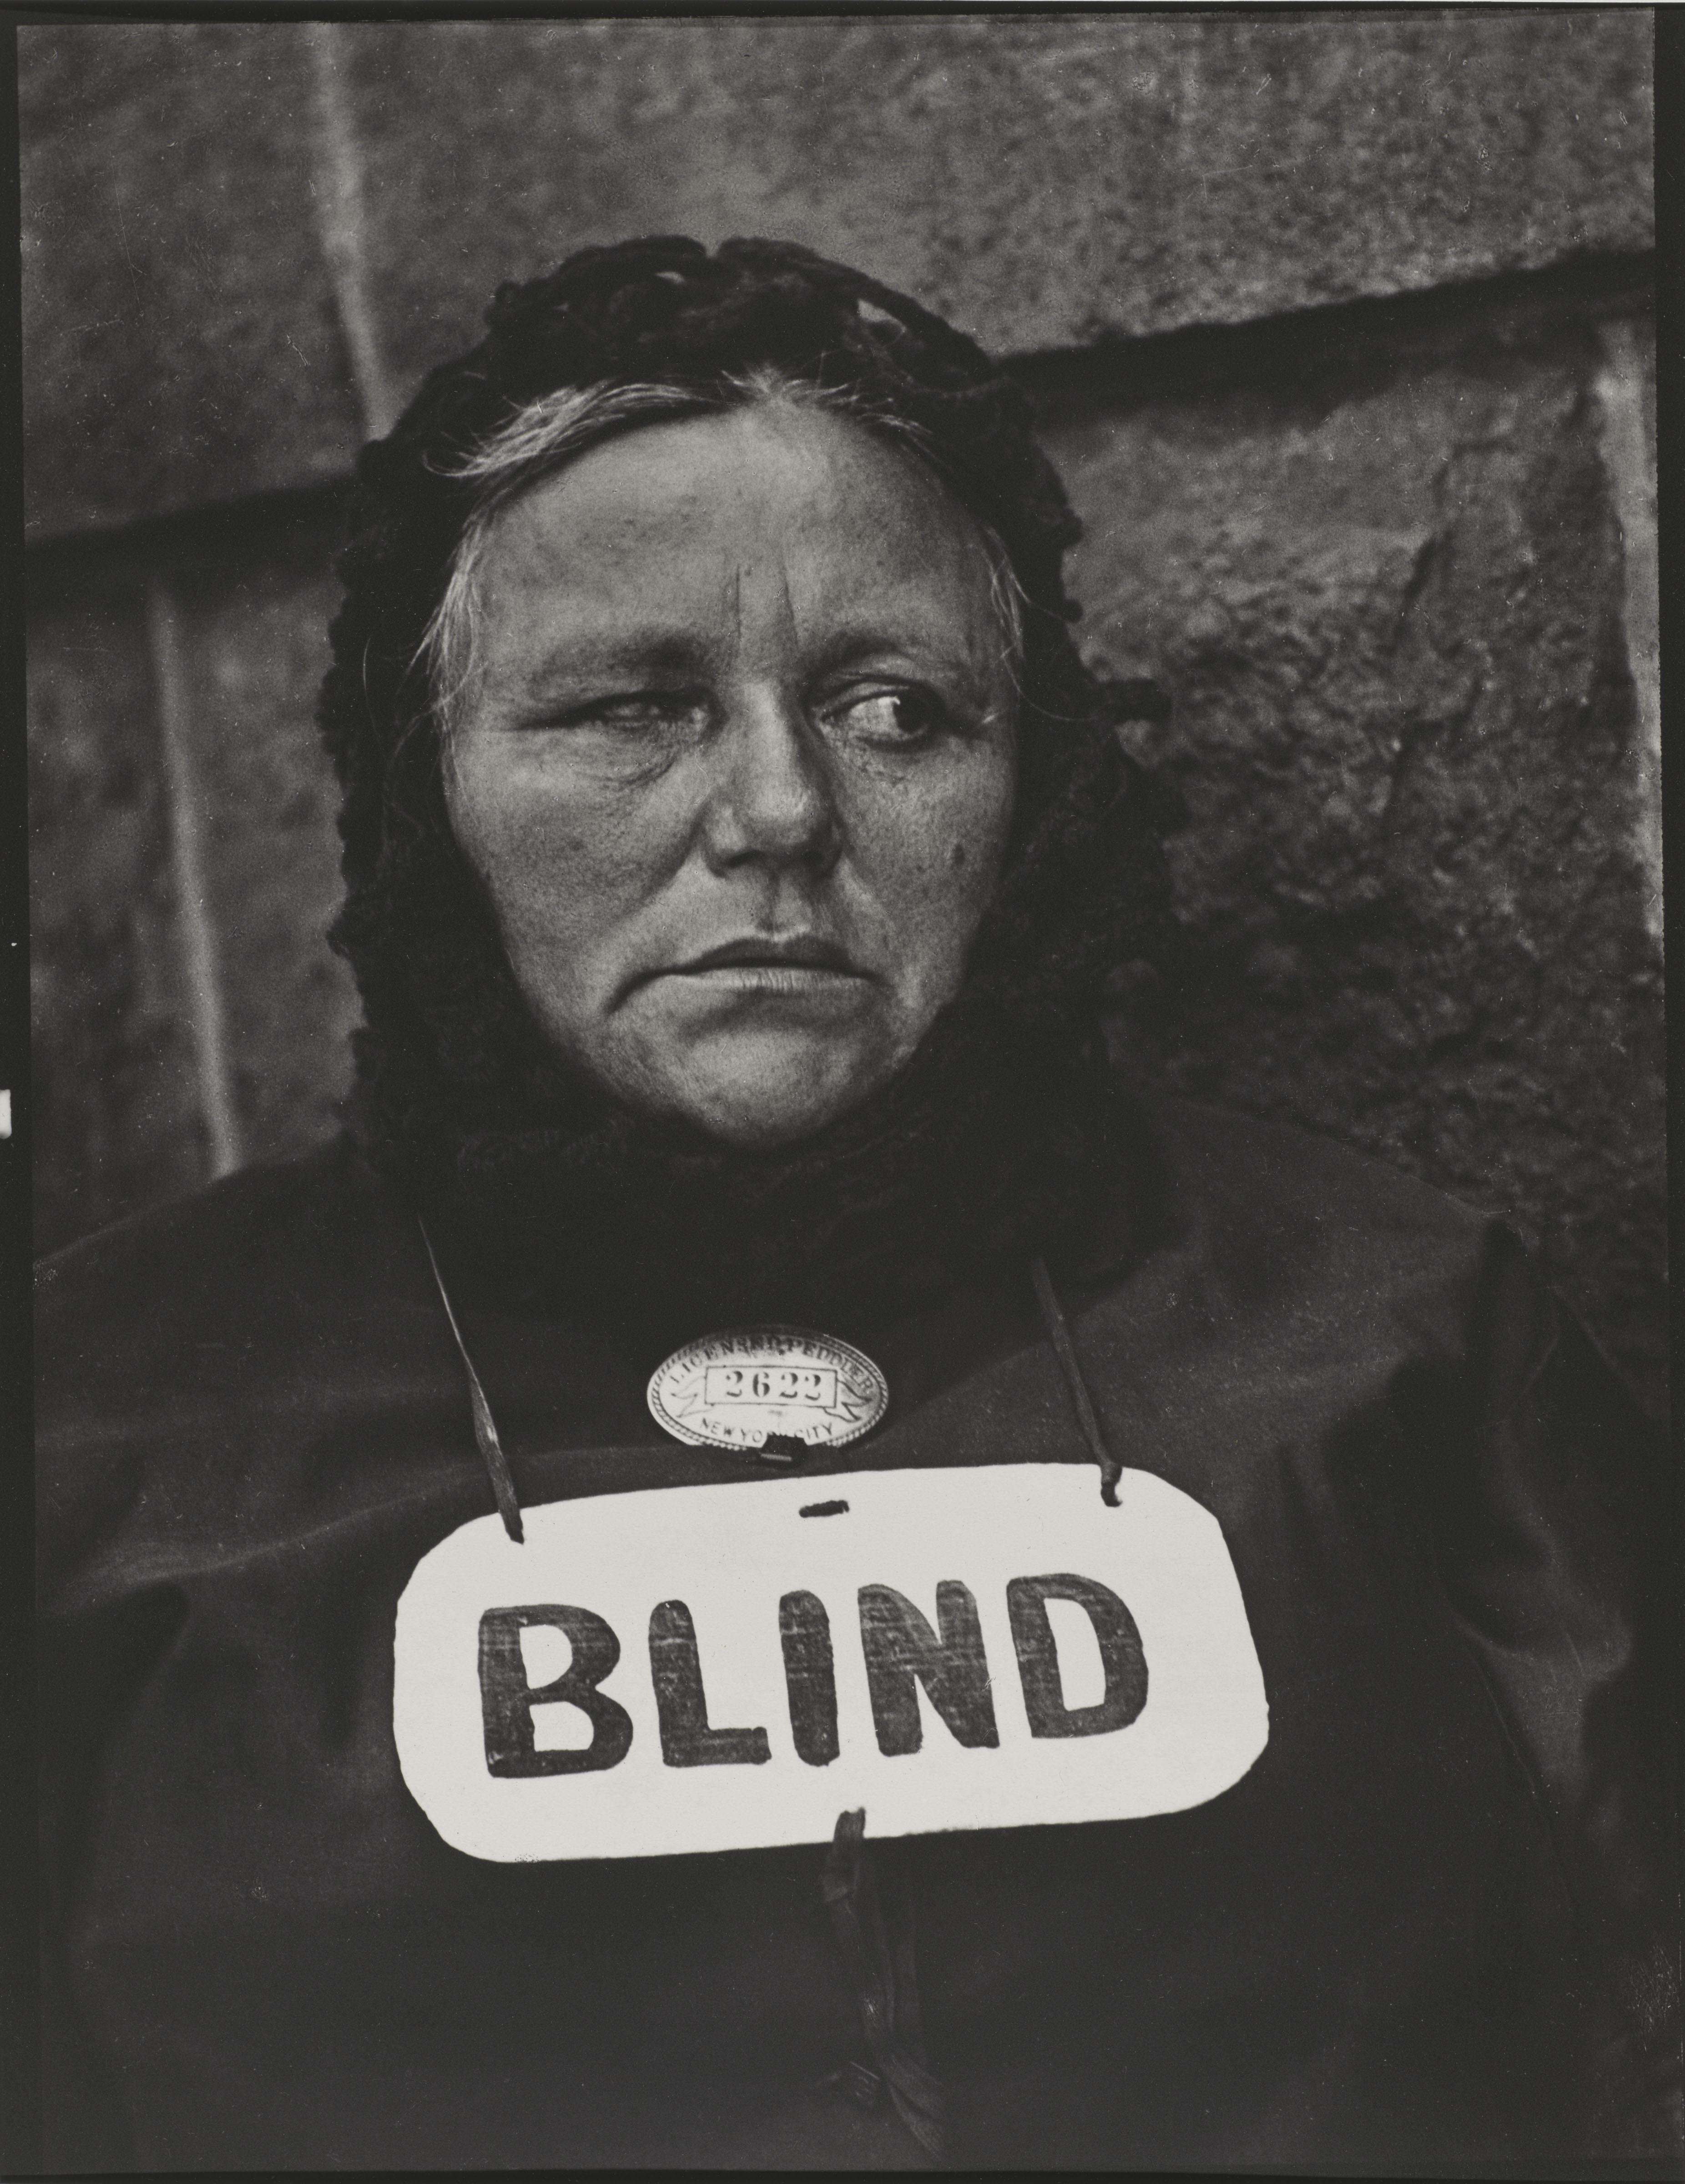 Blind Woman, New York, 1916